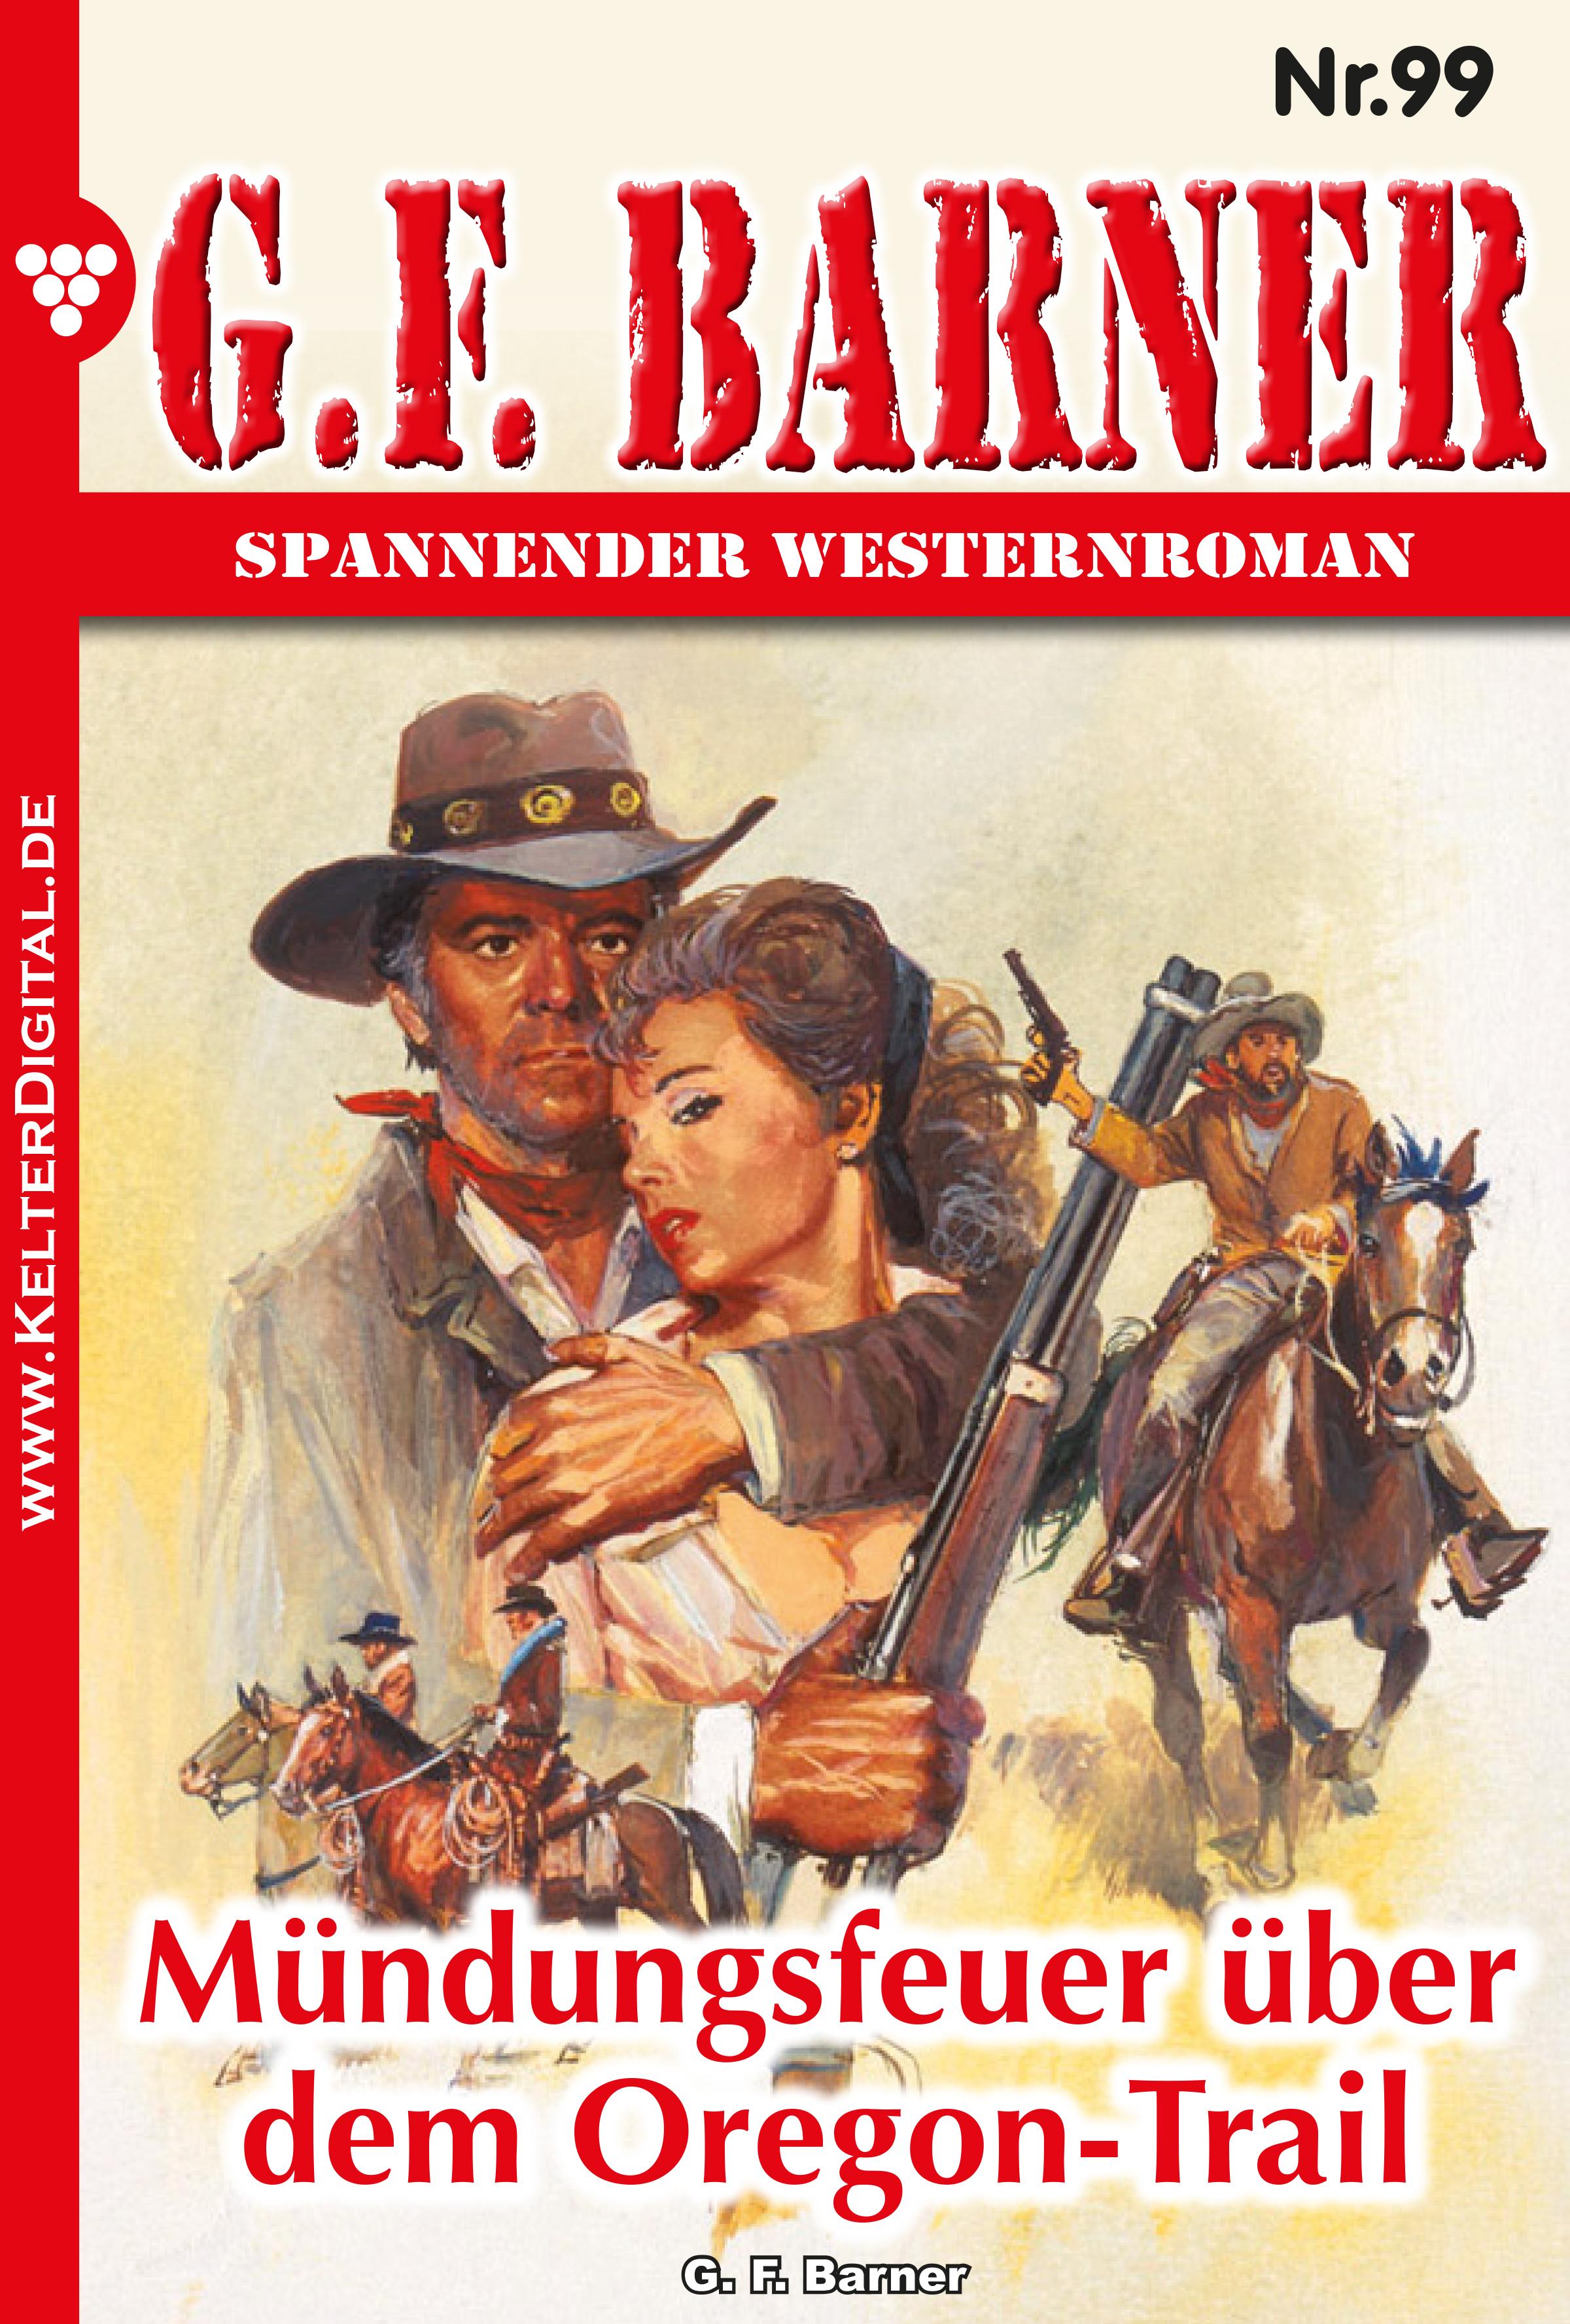 G.F. Barner G.F. Barner 99 – Western g f barner g f barner 130 – western